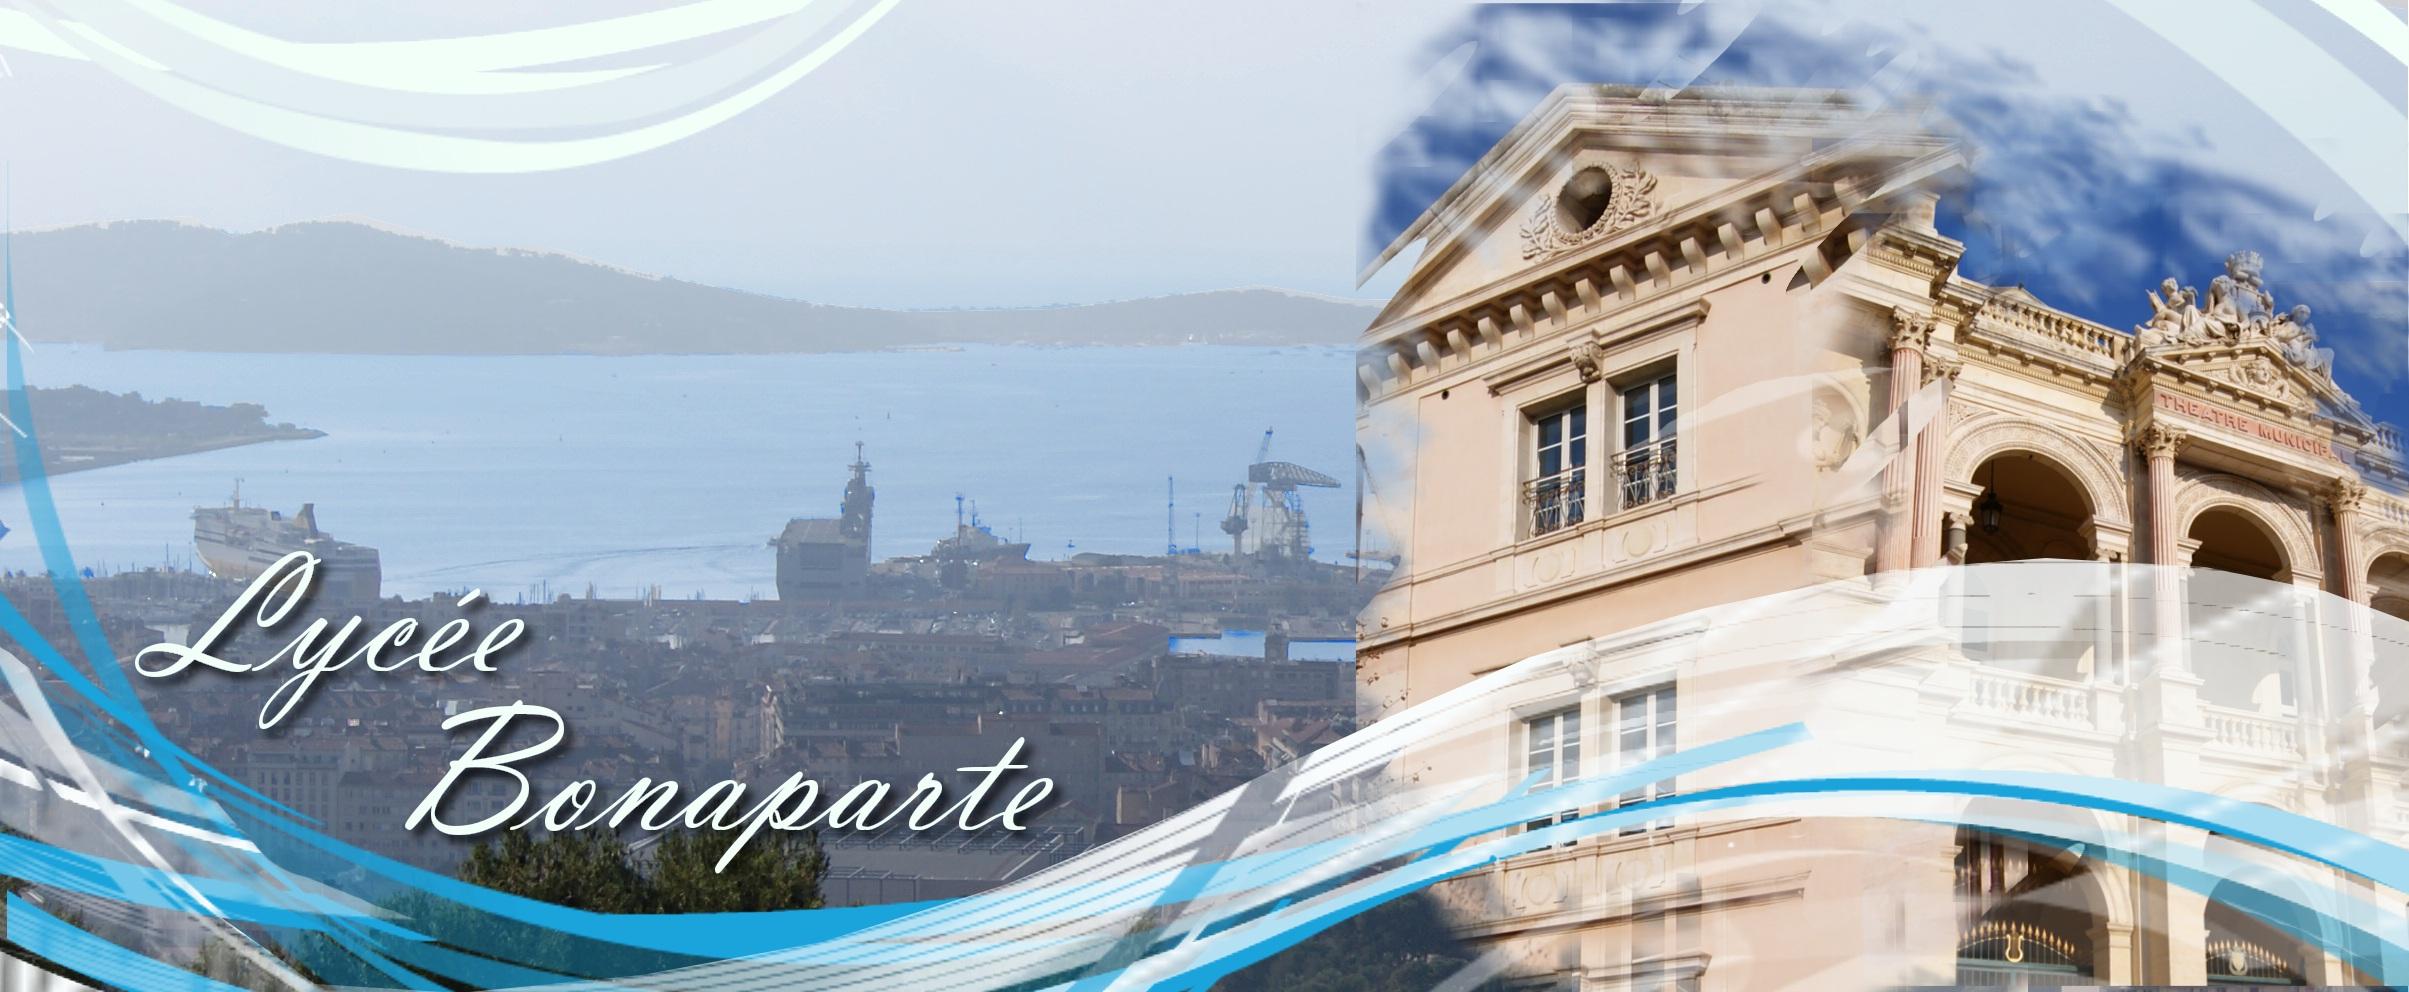 Le lycée Bonaparte